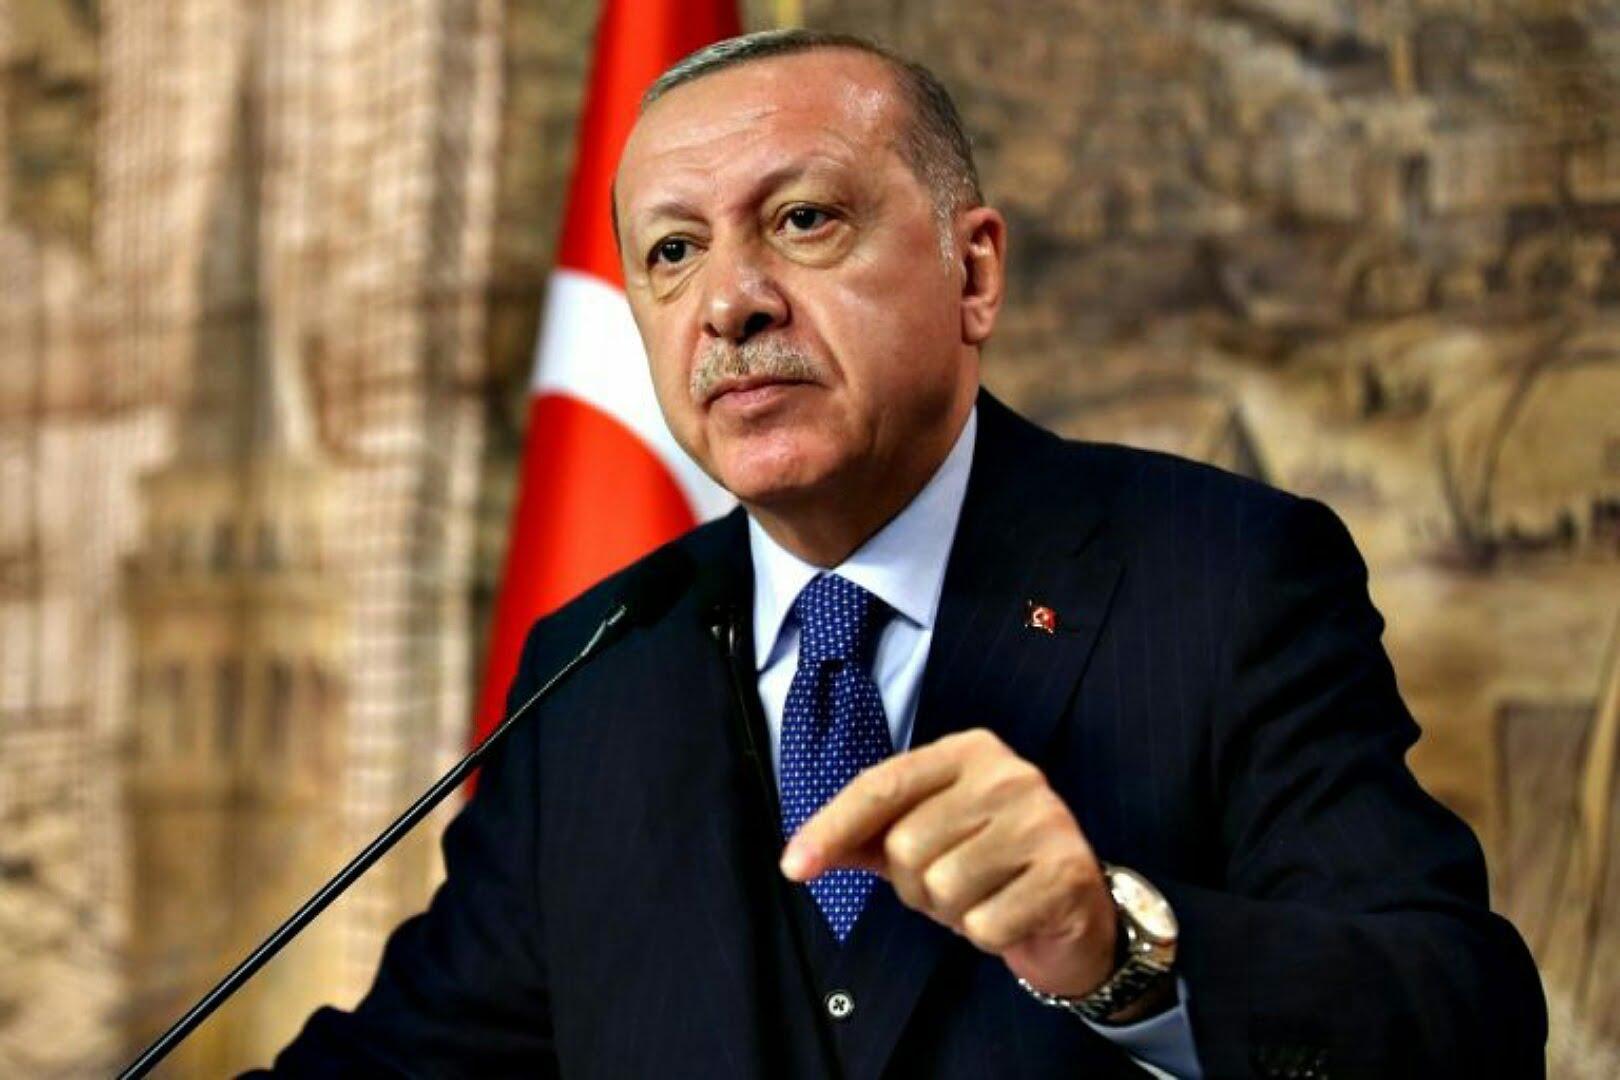 Νέα πρόκληση από Ερντογάν: «Καμία τύχη οι προσπάθειες αποκλεισμού μας από την Ανατολική Μεσόγειο – Να γίνει πολυμερής διάσκεψη»